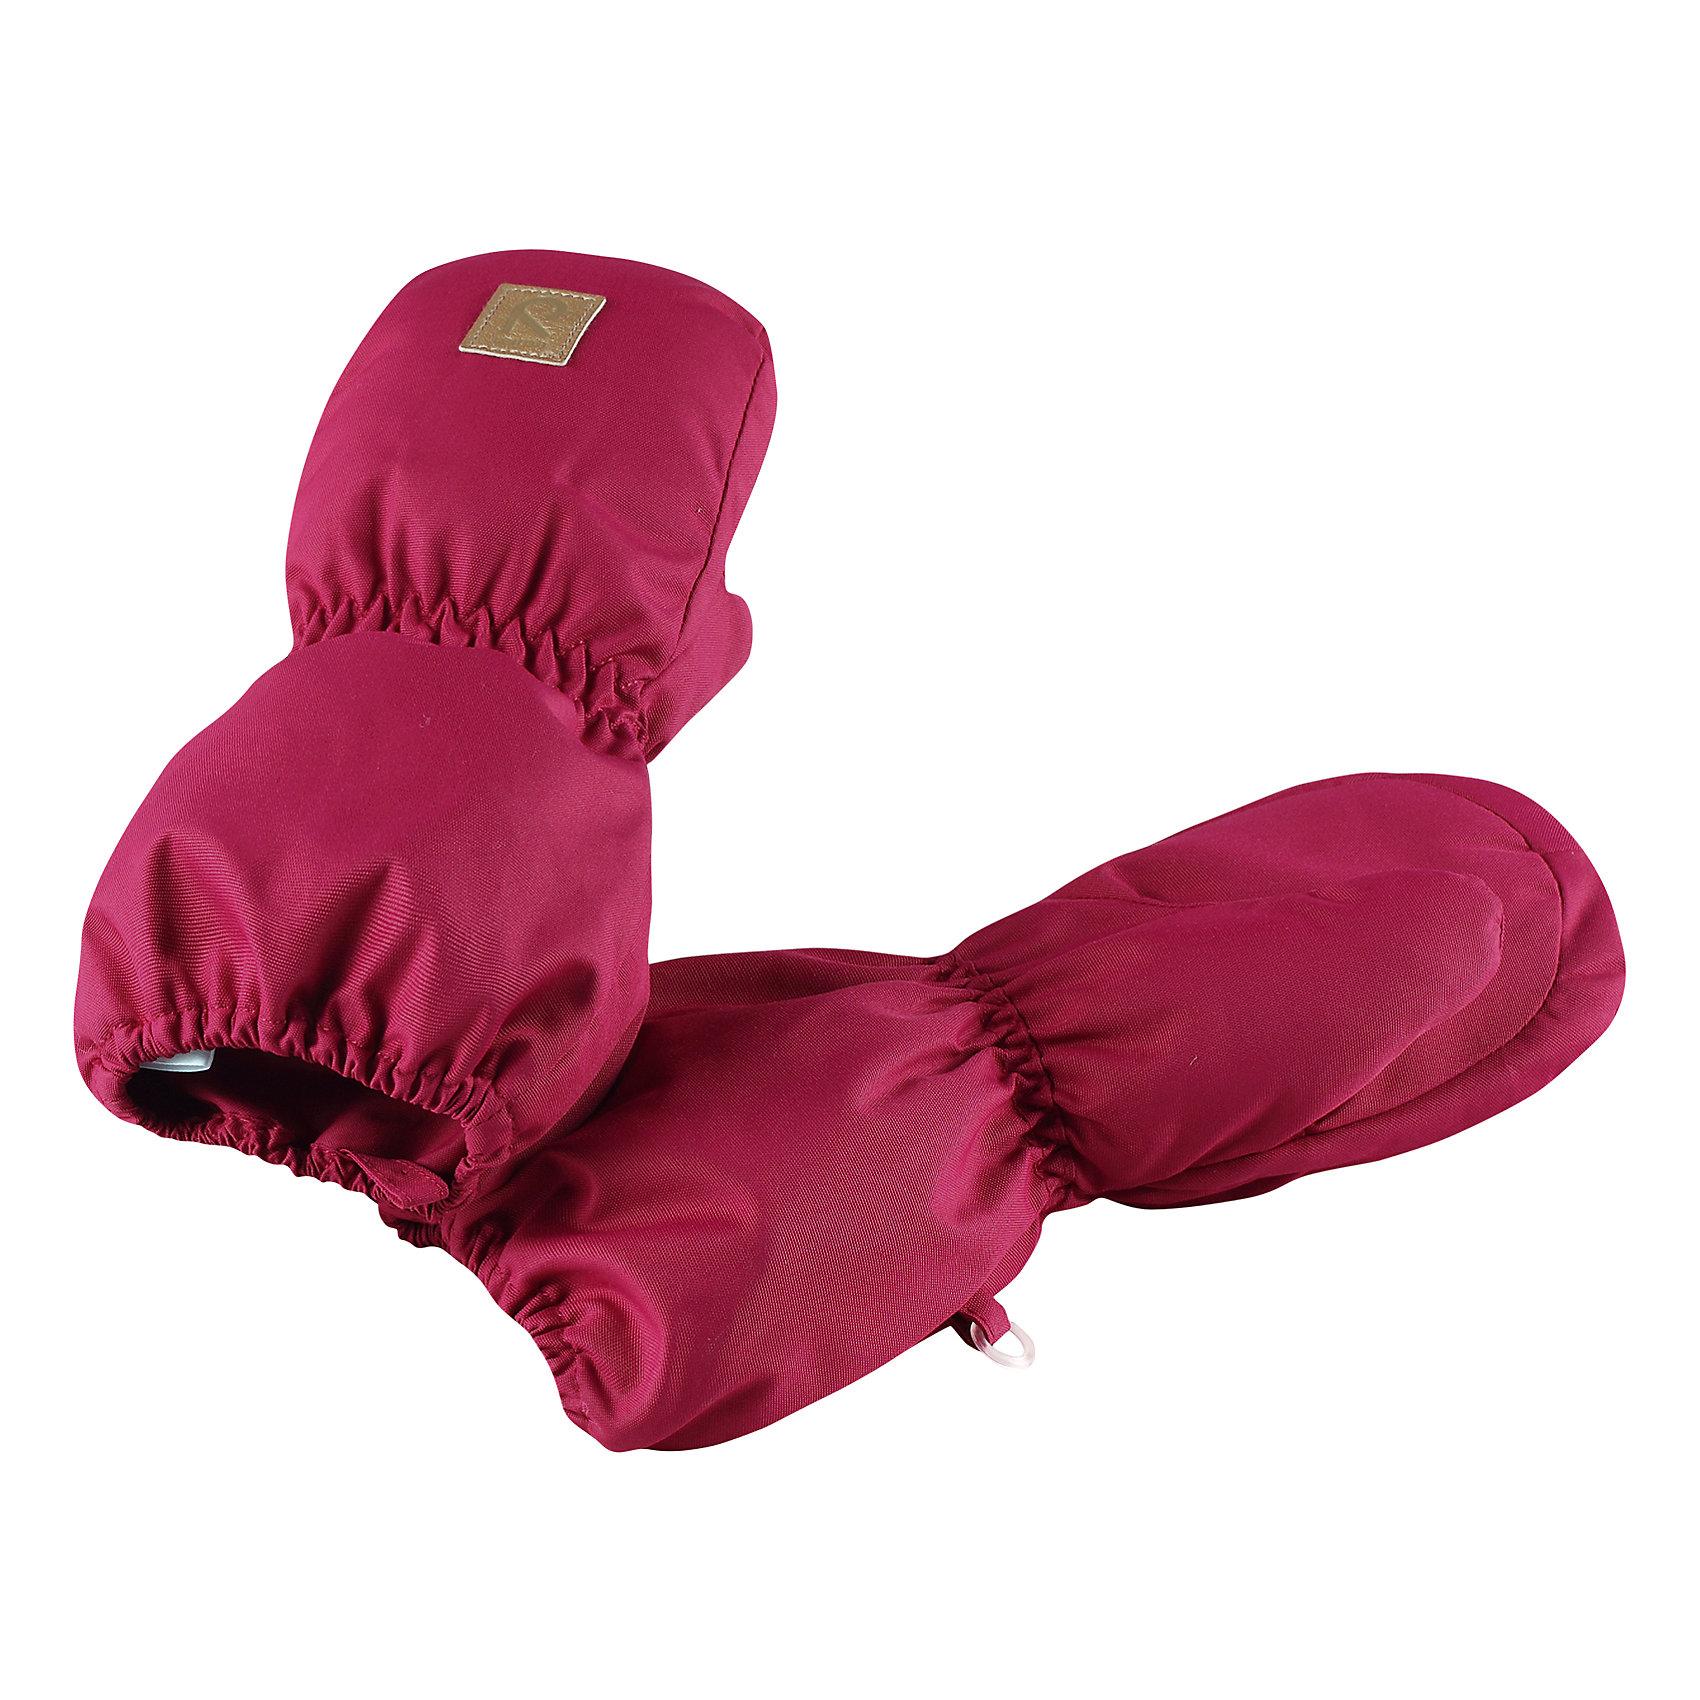 Варежки Reima HuiskeПерчатки, варежки<br>Характеристики товара:<br><br>• цвет: розовый;<br>• состав: 100% полиэстер;<br>• утеплитель: 80 г/м2 (comfort insulation);<br>• температурный режим: от 0 до -30С;<br>• сезон: зима; <br>• водонепроницаемость: 8000 мм;<br>• воздухопроницаемость: 7000 мм;<br>• износостойкость: 30000 (тест Мартиндейла);<br>• особенности модели: на подкладке;<br>• водонепроницаемый прочный материал;<br>• ветронепроницаемый и грязеотталкивающий материал;<br>• теплая шерстяная ворсистая подкладка;<br>• логотип Reima спереди;<br>• страна бренда: Финляндия;<br>• страна изготовитель: Китай.<br><br>Зимние варежки для малышей отлично согреют в морозный зимний день. Варежки сшиты из водонепроницаемого материала, но не снабжены водонепроницаемой вставкой, так что мы не рекомендуем носить их в мокрую погоду.<br>Ветронепроницаемый дышащий материал, утеплитель и теплая шерстяная подкладка с ворсом надежно согреют маленькие пальчики. А в сильные морозы под них можно надеть теплые шерстяные варежки – в это просторной модели специально предусмотрен запас места!<br><br>Варежки Huiske Reima от финского бренда Reima (Рейма) можно купить в нашем интернет-магазине.<br><br>Ширина мм: 162<br>Глубина мм: 171<br>Высота мм: 55<br>Вес г: 119<br>Цвет: розовый<br>Возраст от месяцев: 12<br>Возраст до месяцев: 24<br>Пол: Унисекс<br>Возраст: Детский<br>Размер: 2,0,1<br>SKU: 6908734